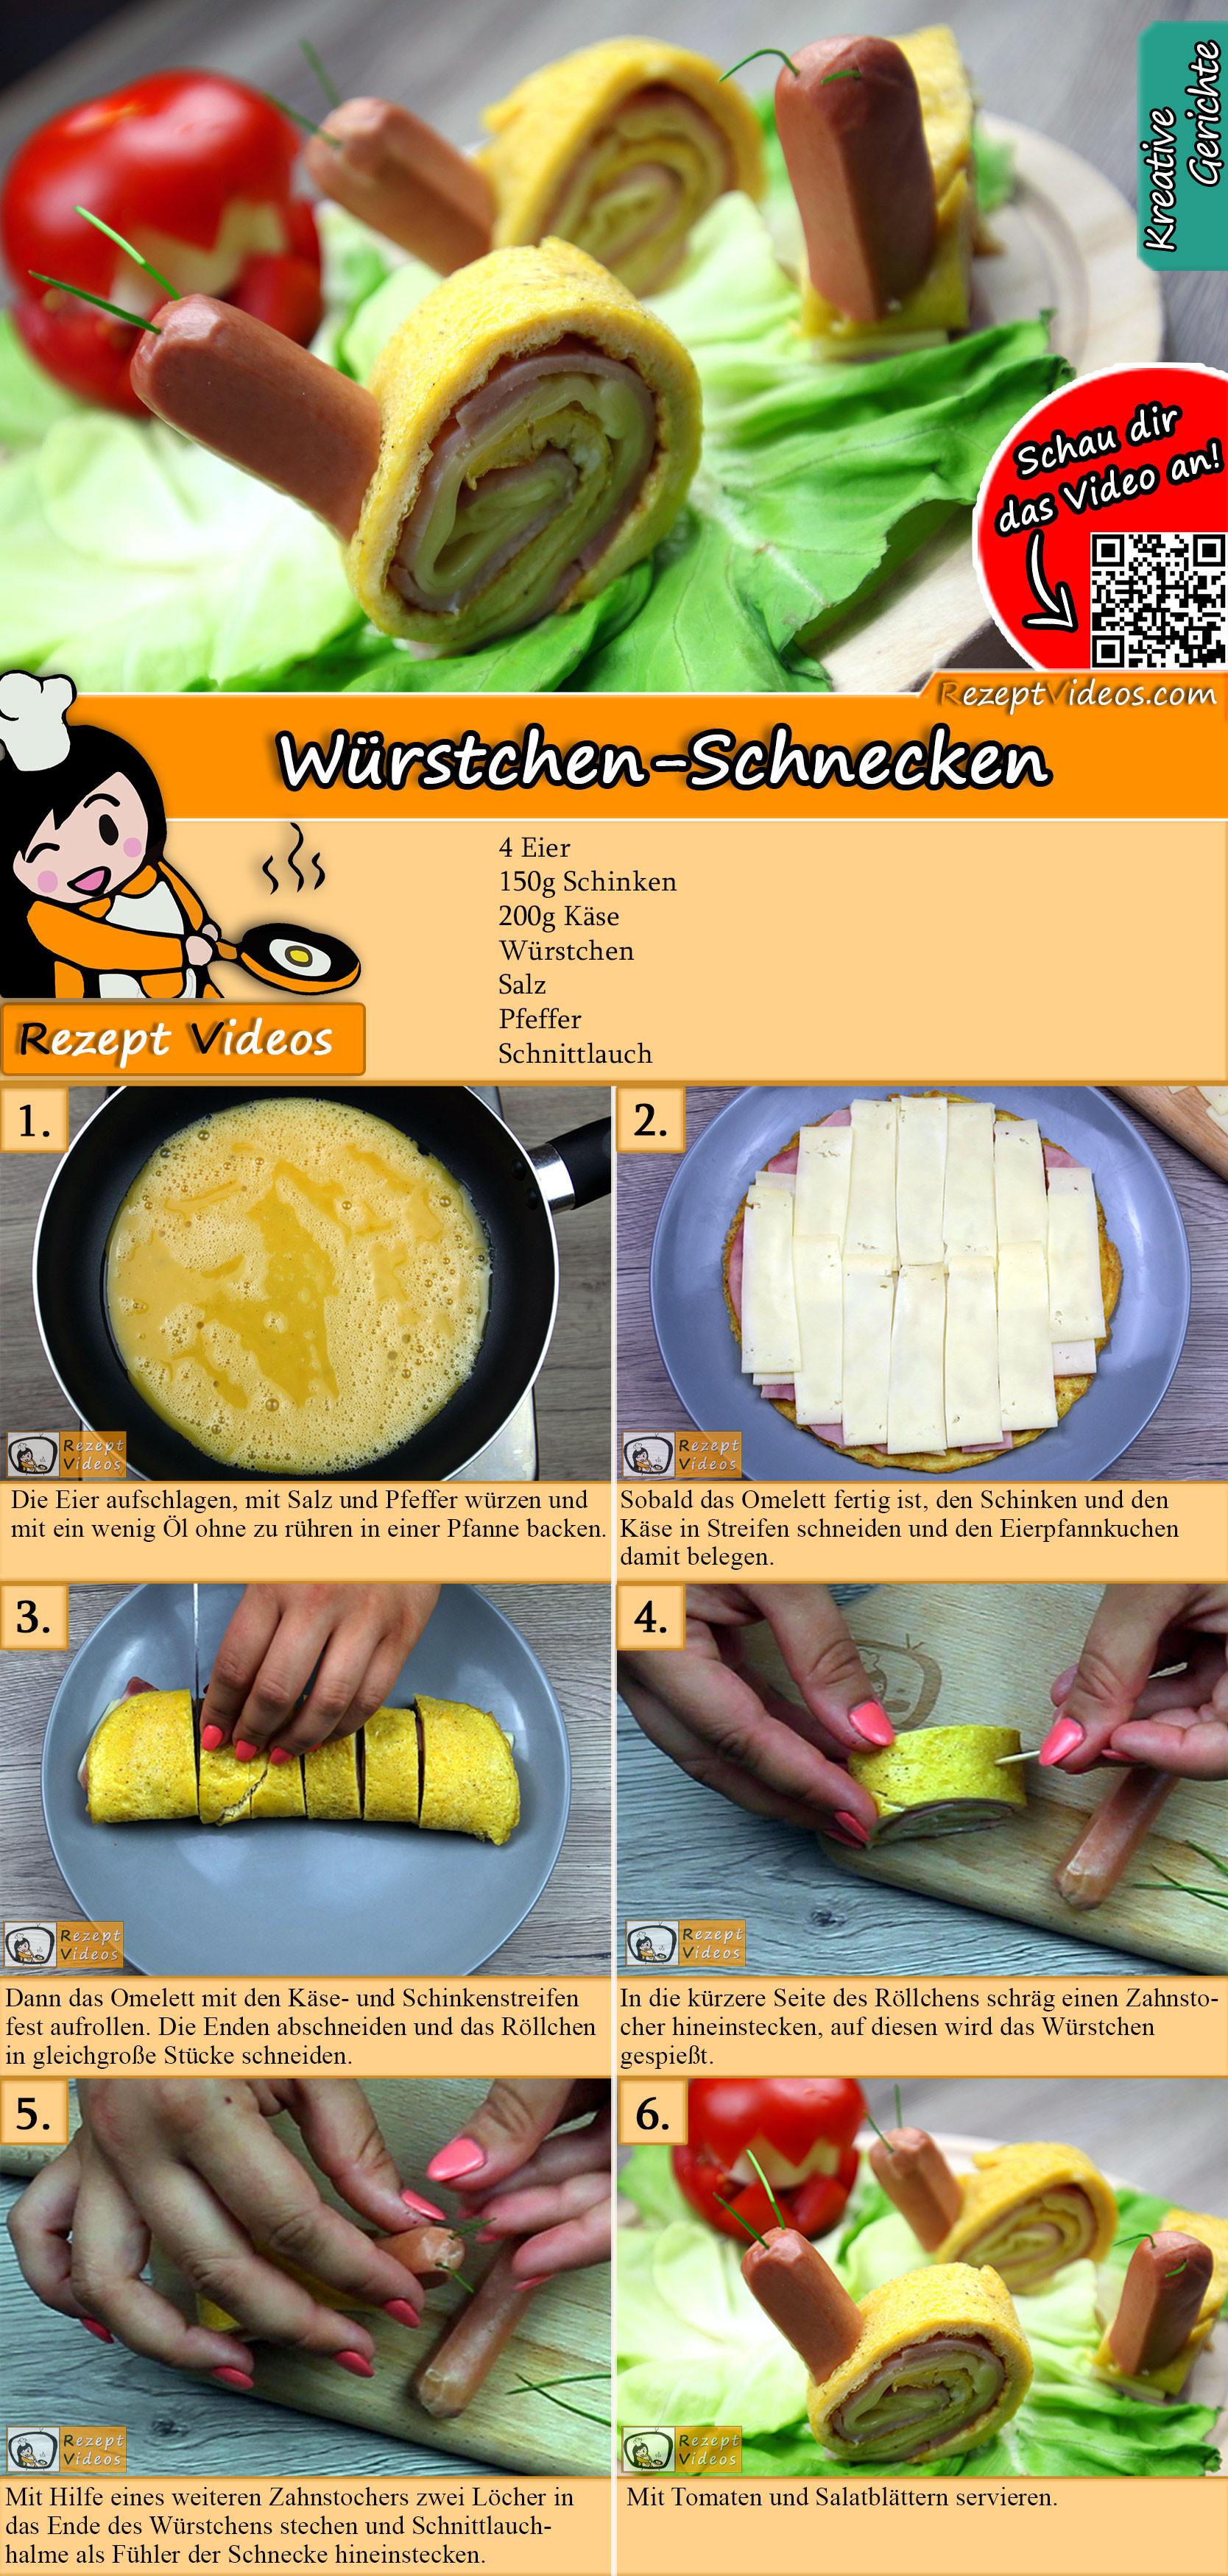 Würstchen-Schnecken Rezept mit Video